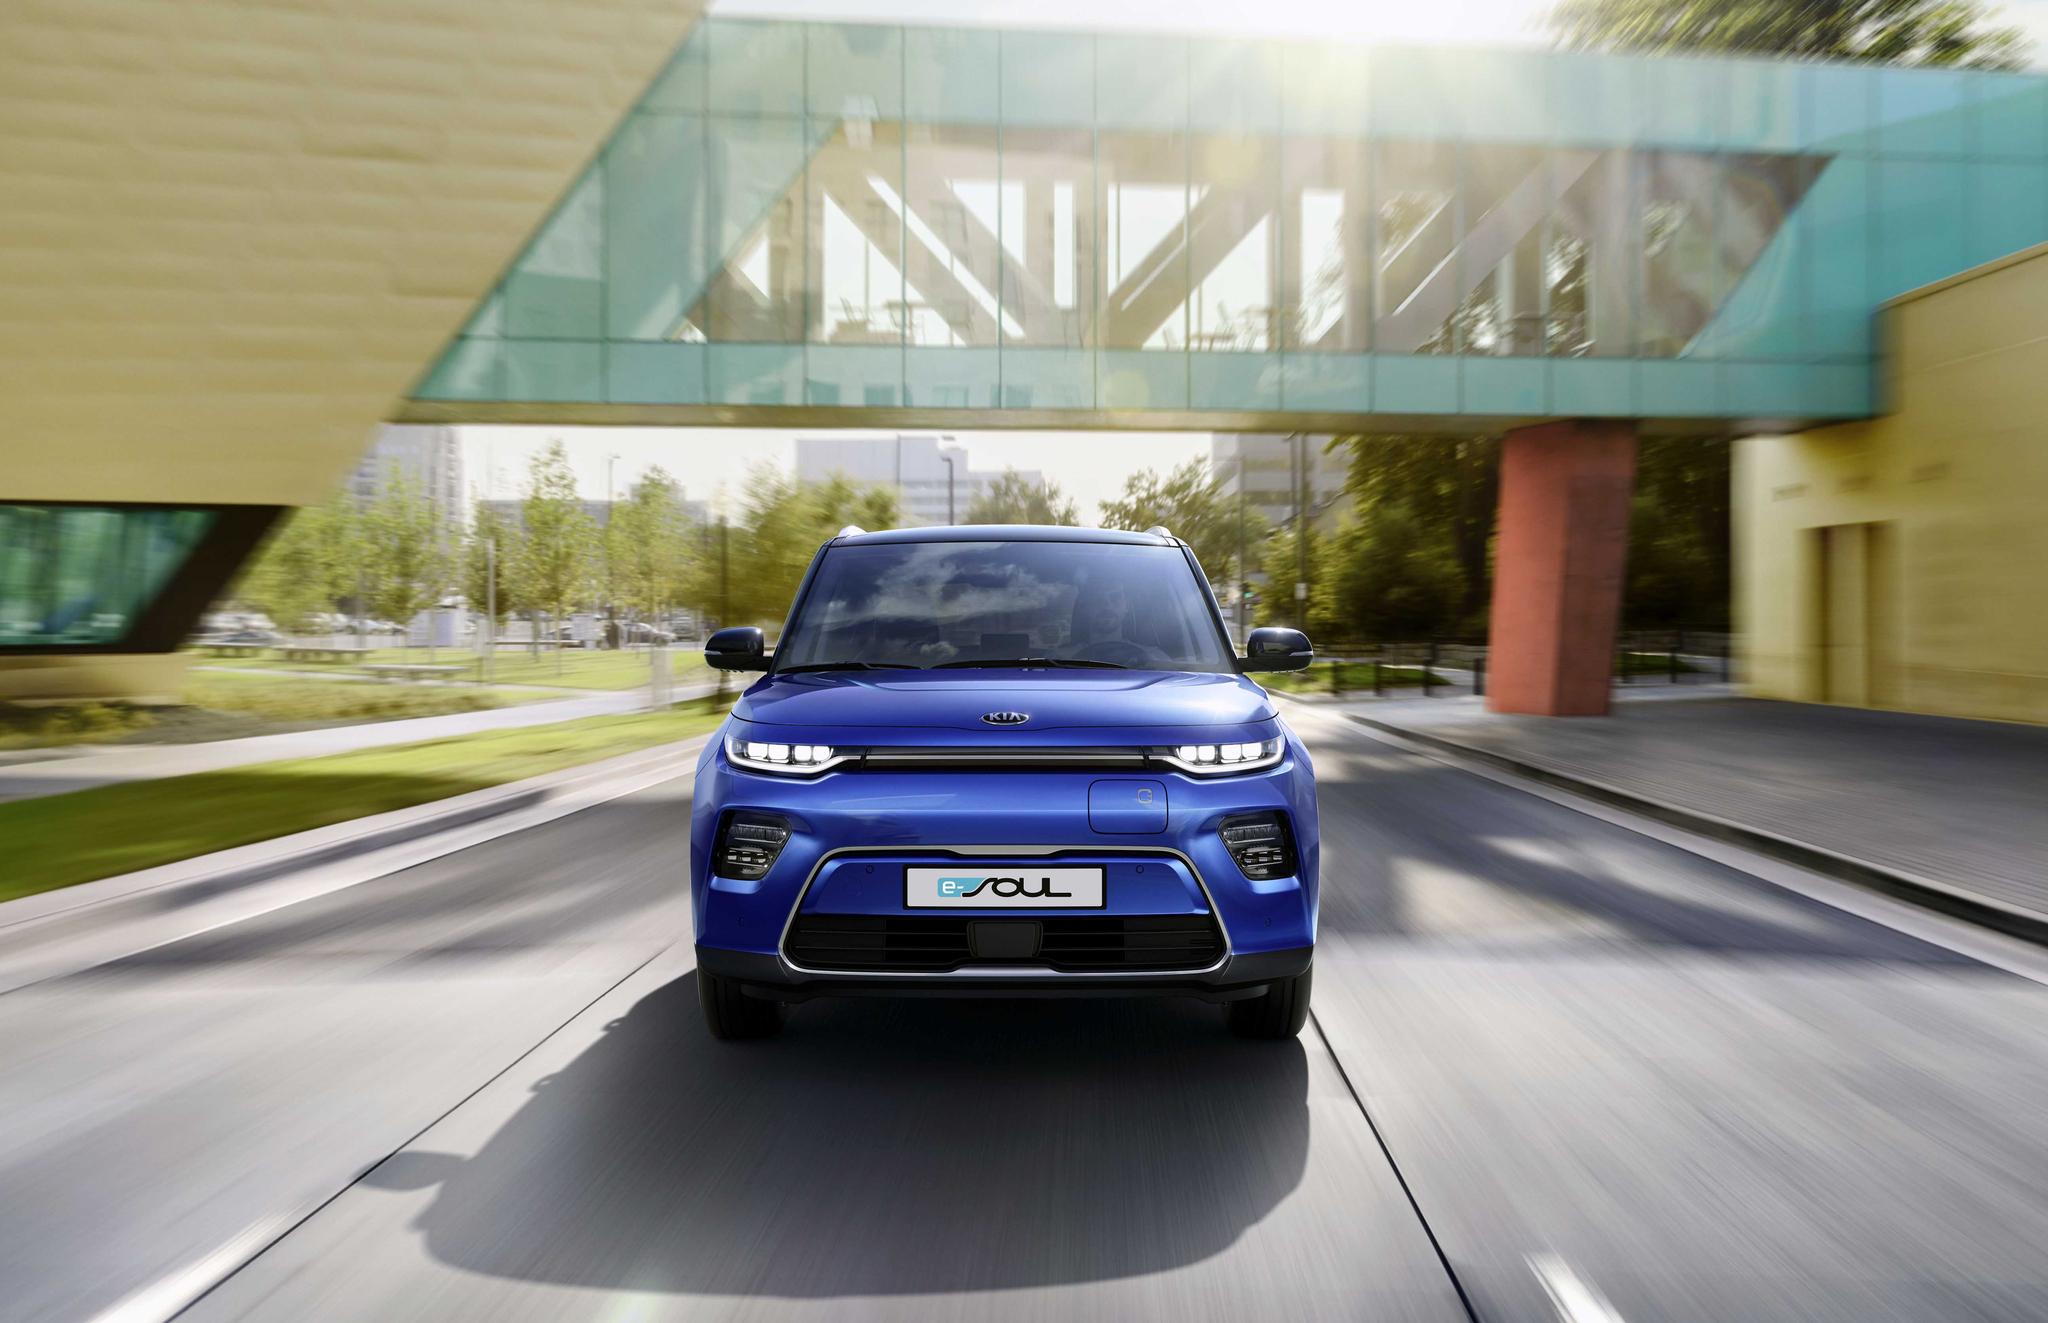 독일의 자동차 잡지 '아우토 자이퉁'에서 실시한 소형 전기차 비교평가에서 기아자동차 쏘울EV가 BMW i3s, 닛산 리프 e+를 제치고 가장 좋은 평가를 받았다. [사진 기아자동차]